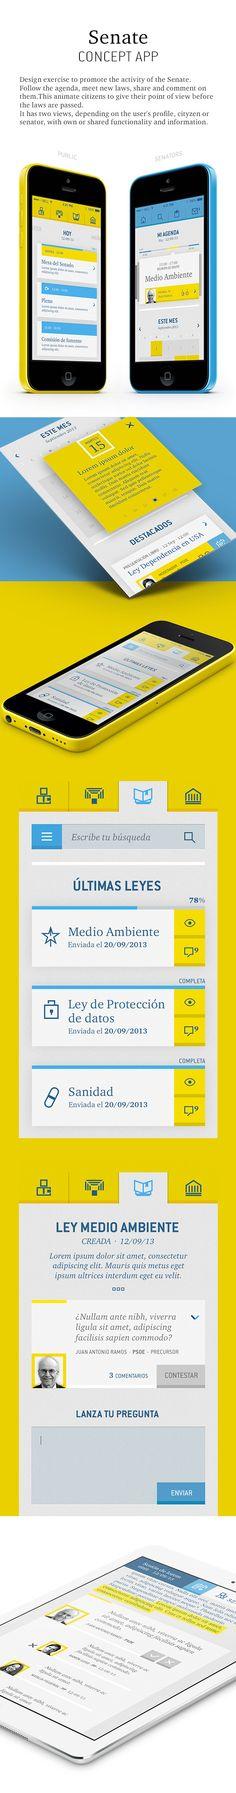 Senate by Alejandro Avilés, via Behance